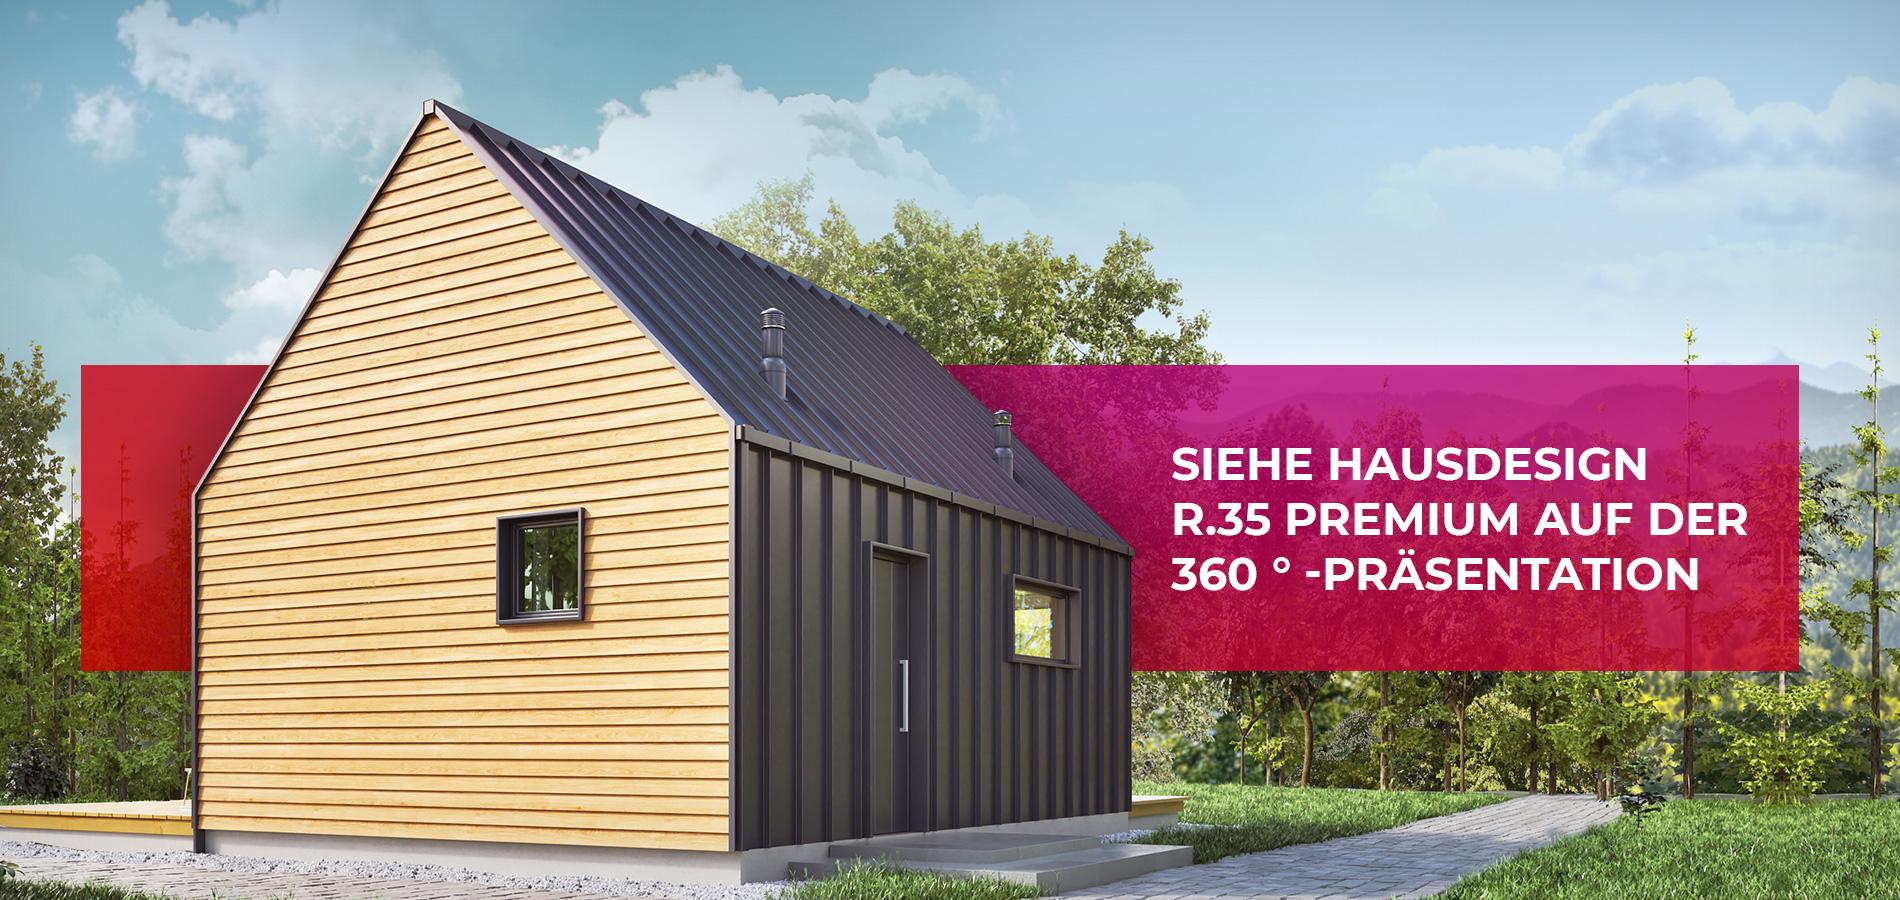 Siehe Hausdesign R.35 Premium auf der 360 ° -Präsentation